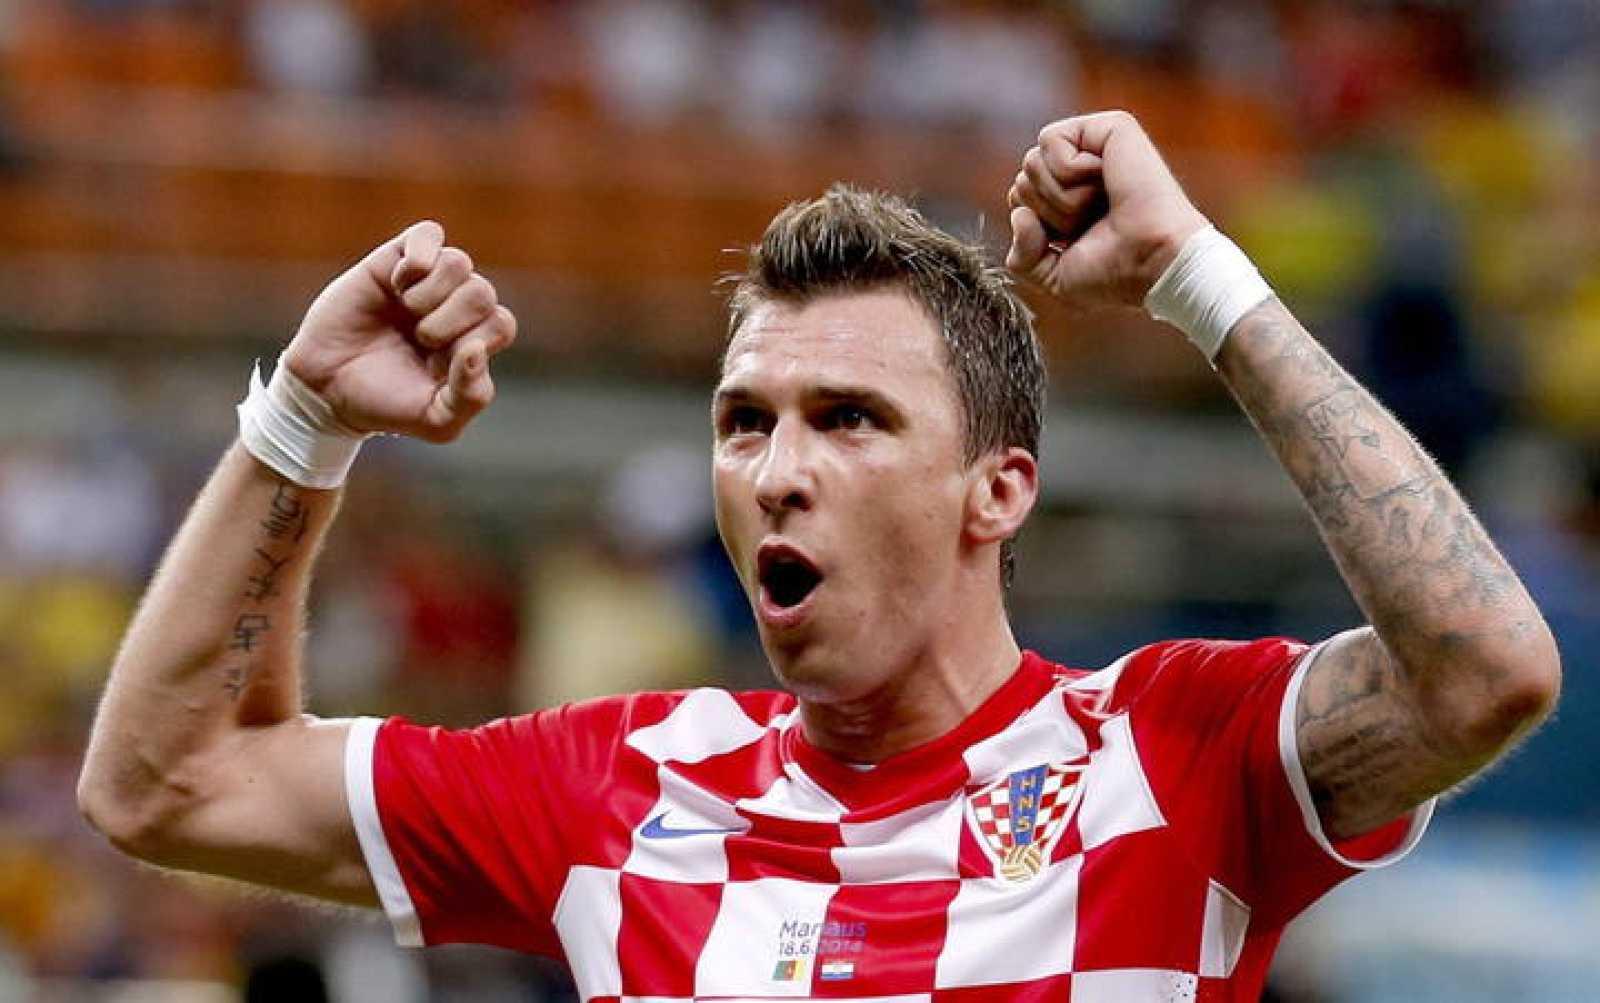 El croata Mario Mandzukic of Croatia celebra el 0 - 4 ante Camerún en el Mundial de Brasil 2014.